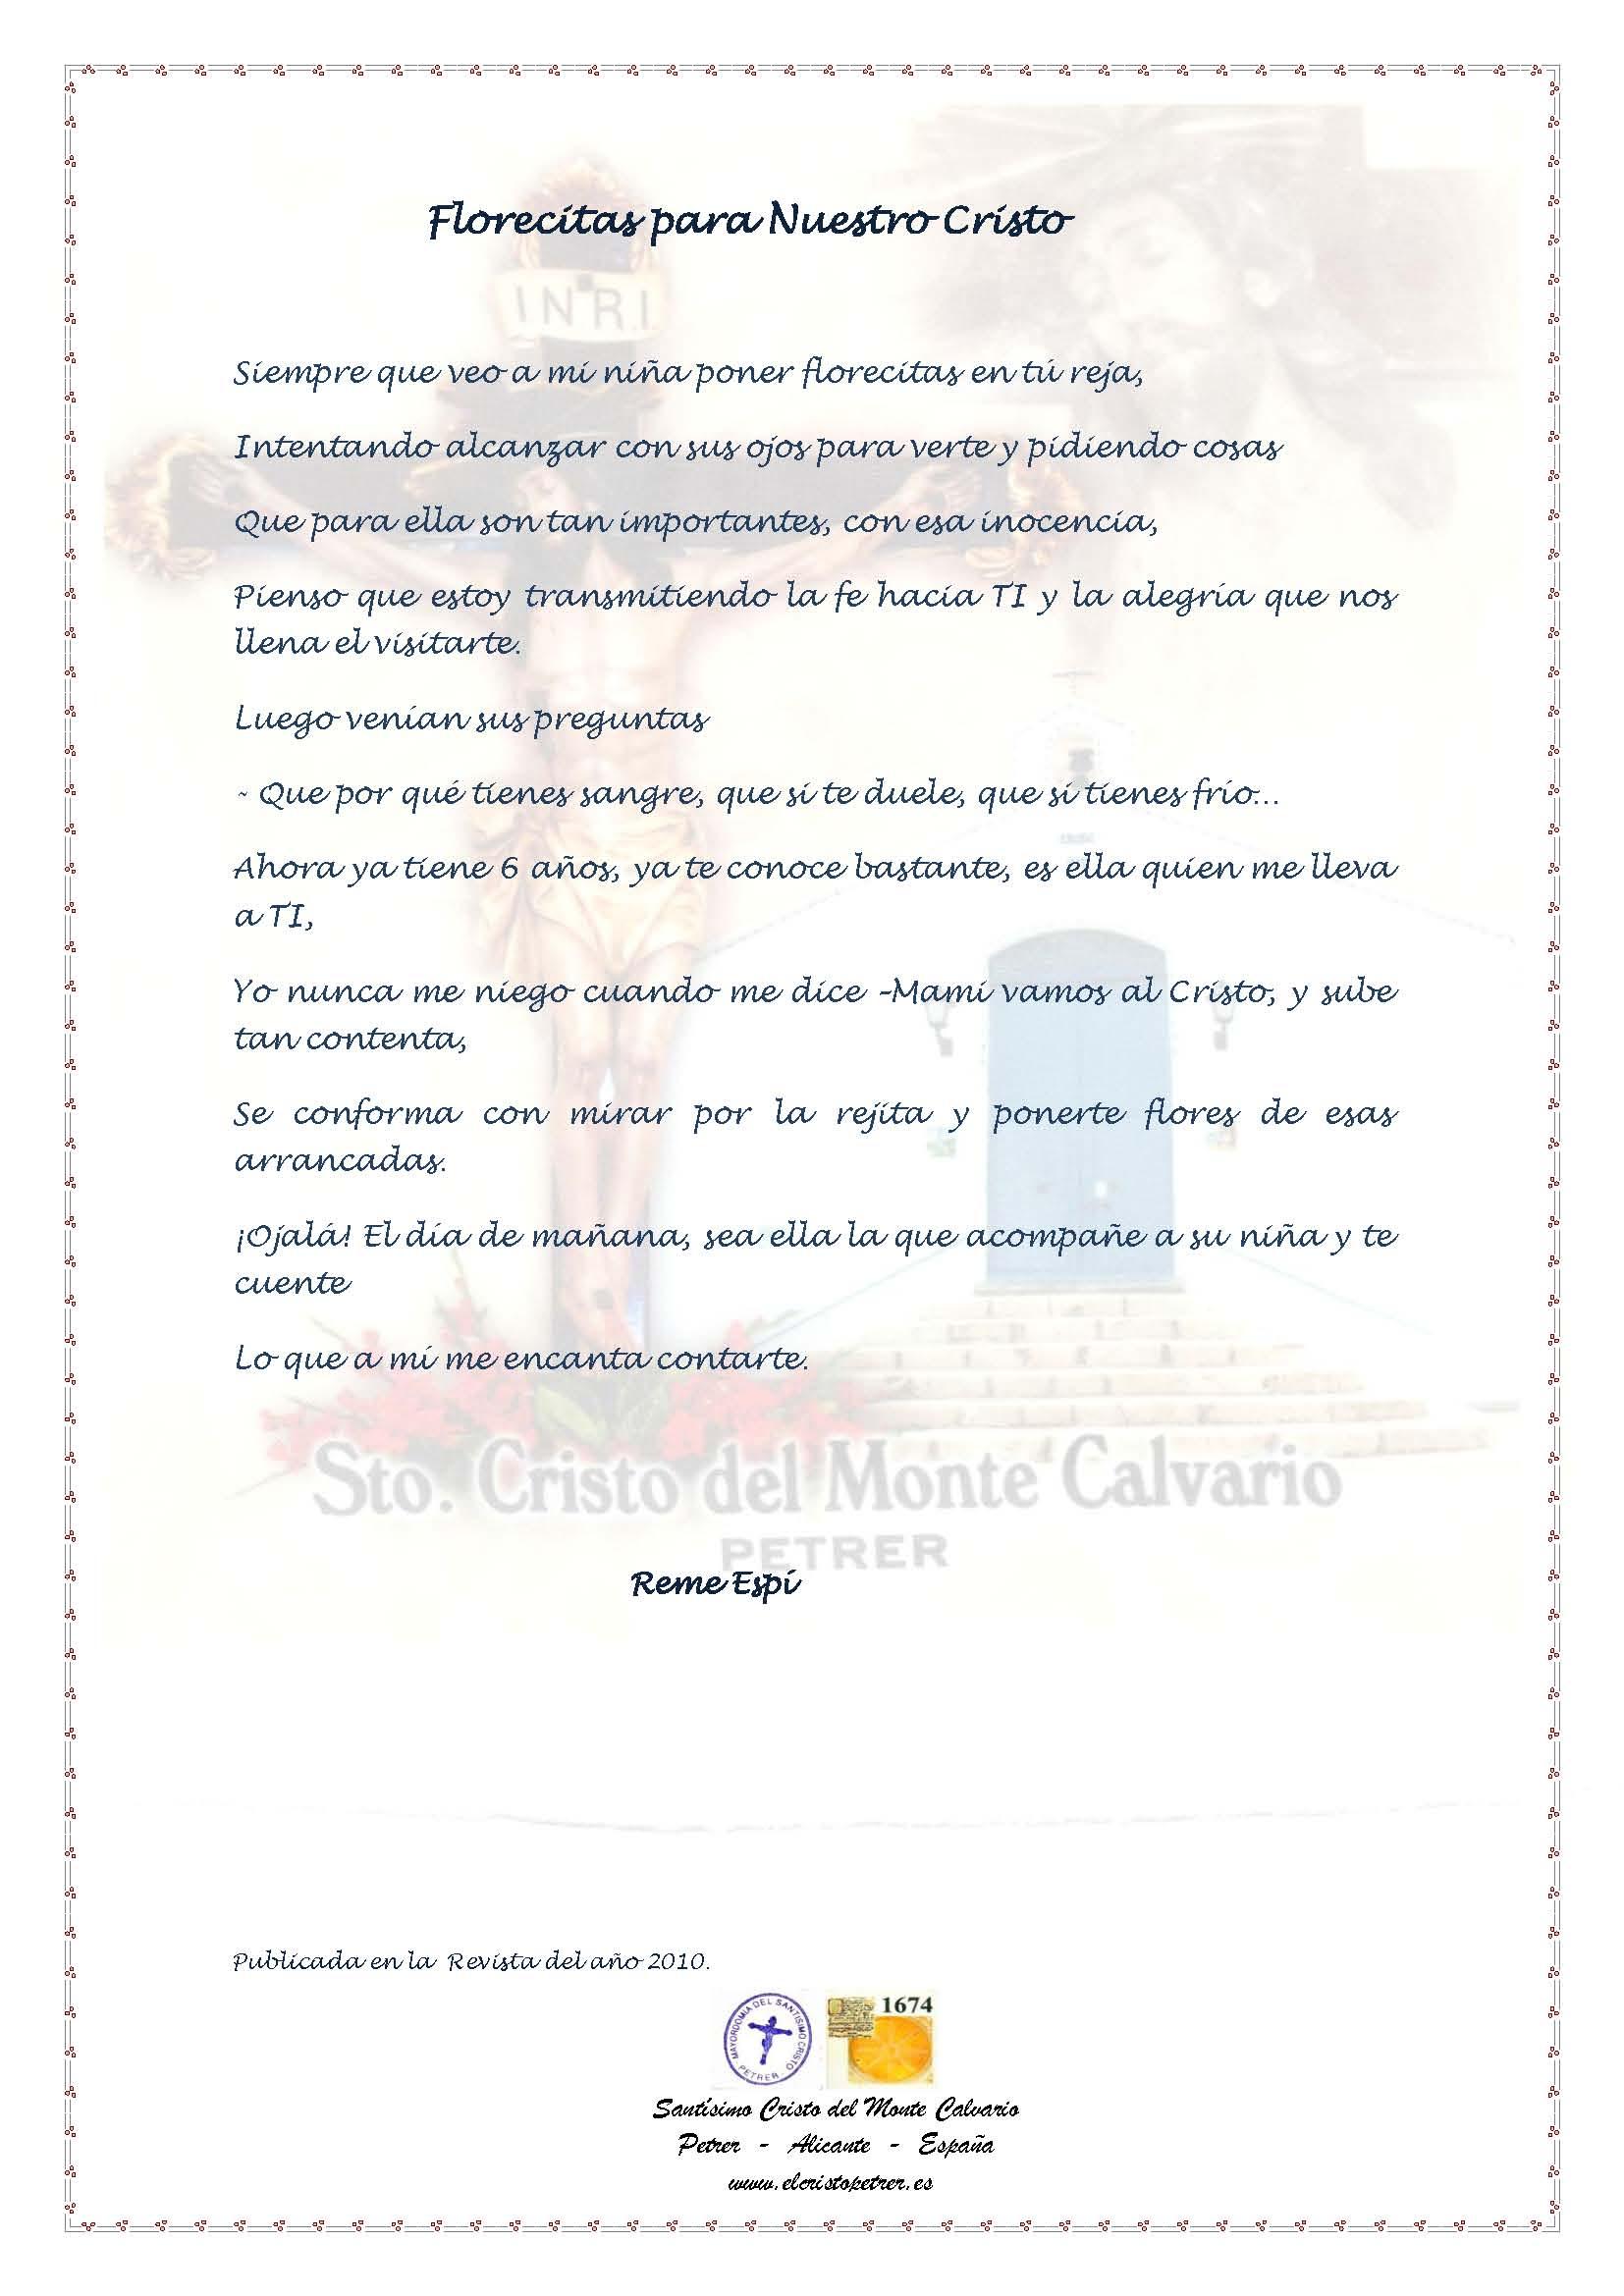 ElCristo - Poesias - Espi, Reme - Revista 2010 - Florecitas para nuestro Cristo